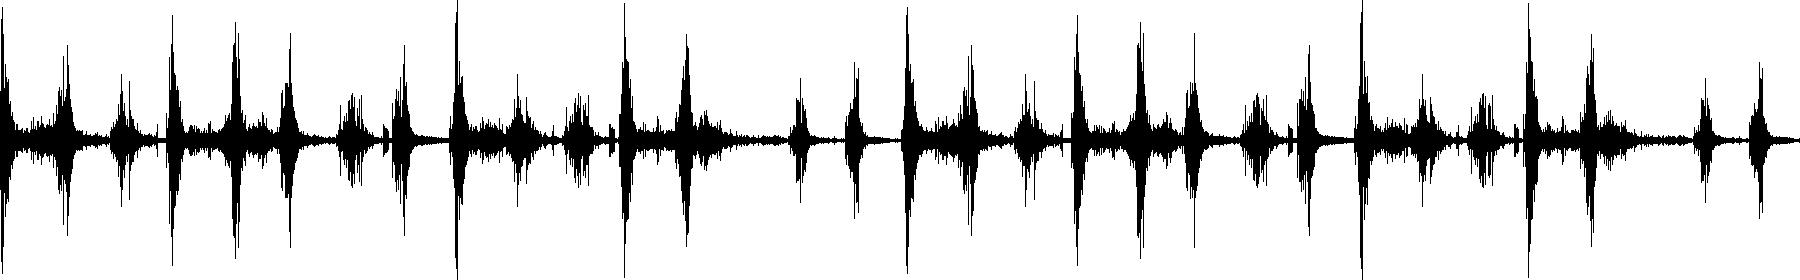 ehp percloop 130 02